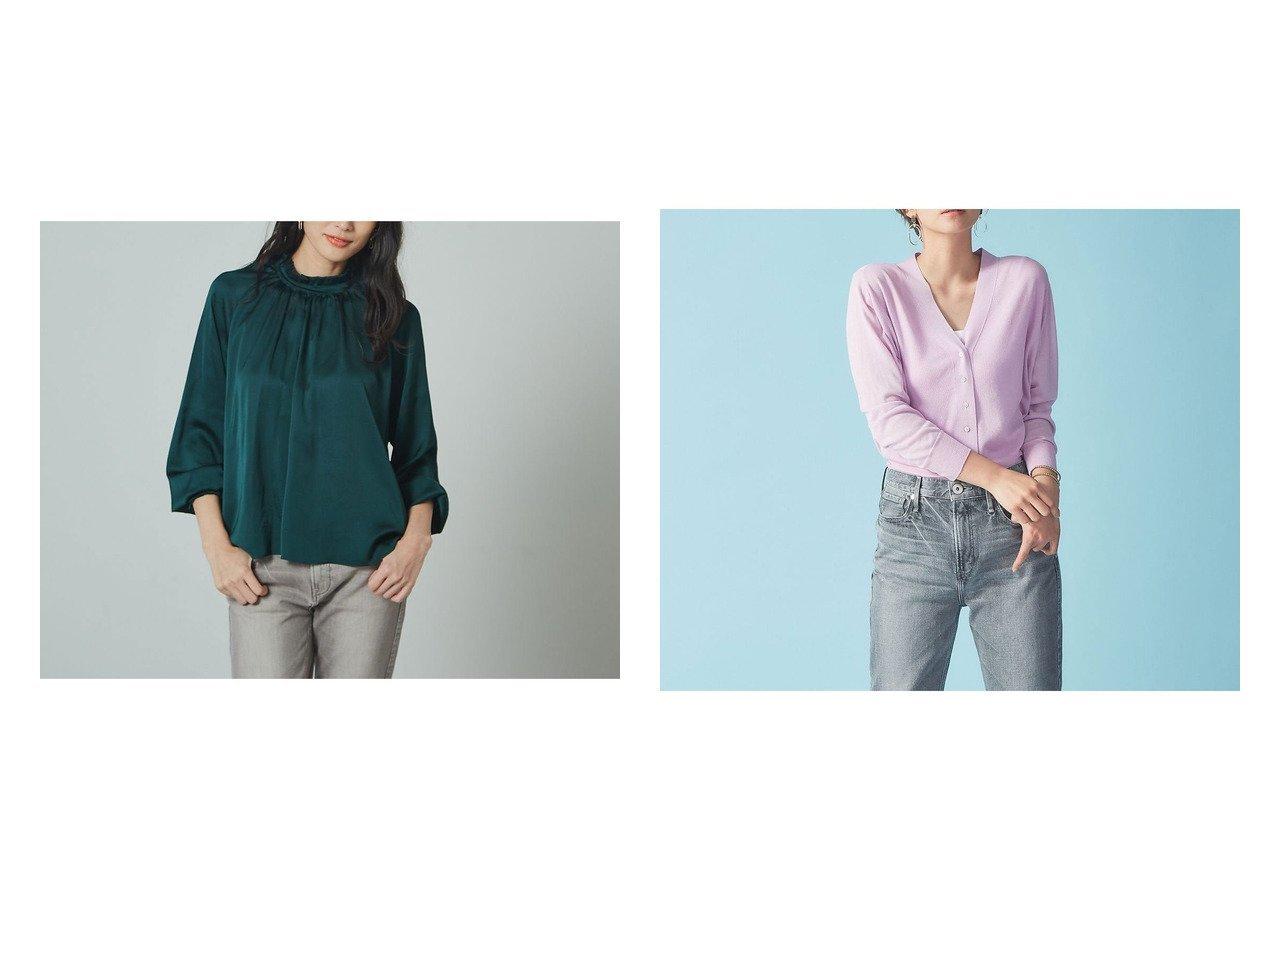 【Rouge vif la cle/ルージュヴィフラクレ】の【BRAHMIN】ストレッチサテンフリルネックブラウス&ウォッシャブルカーディガン2 Rouge vif la cleのおすすめ!人気、トレンド・レディースファッションの通販  おすすめで人気の流行・トレンド、ファッションの通販商品 メンズファッション・キッズファッション・インテリア・家具・レディースファッション・服の通販 founy(ファニー) https://founy.com/ ファッション Fashion レディースファッション WOMEN トップス Tops Tshirt シャツ/ブラウス Shirts Blouses カーディガン Cardigans サテン ストレッチ ダウン デニム フェミニン フリル A/W 秋冬 AW Autumn/Winter / FW Fall-Winter 2020年 2020 2020-2021 秋冬 A/W AW Autumn/Winter / FW Fall-Winter 2020-2021 S/S 春夏 SS Spring/Summer カーディガン ベーシック 春 Spring 羽織  ID:crp329100000017633